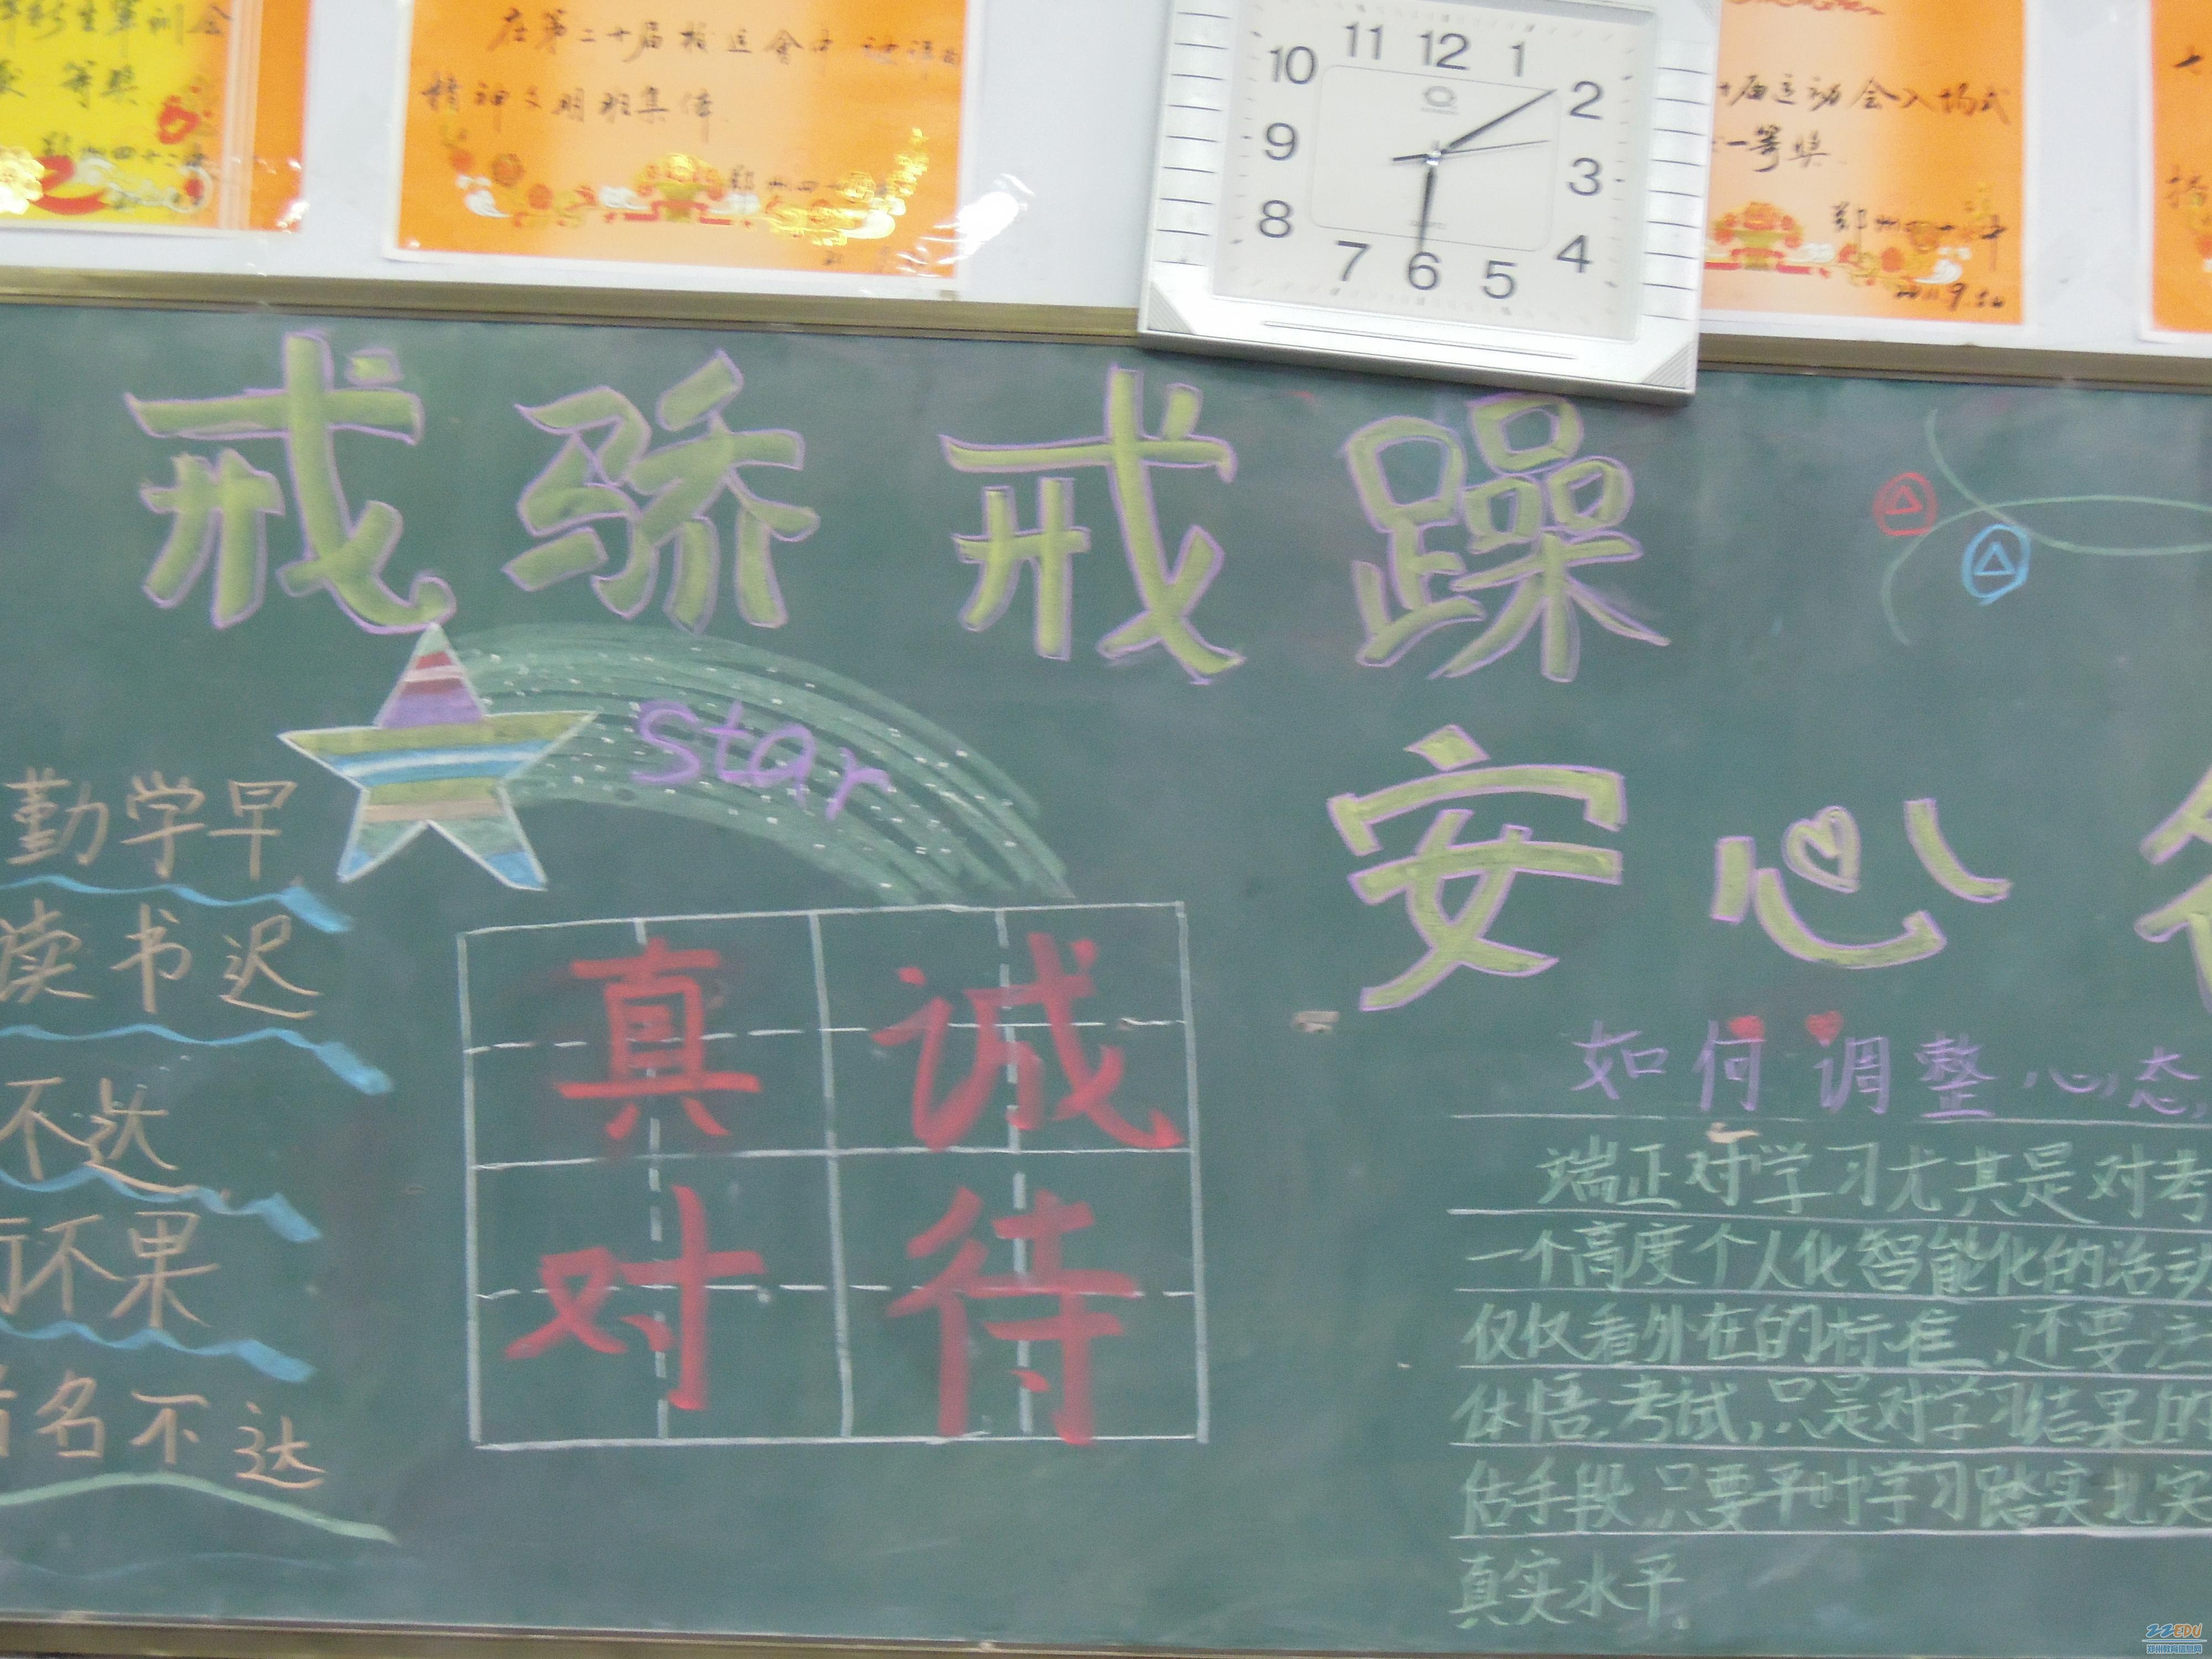 备考期末考试_[42中] 彰班级板报特色,扬诚信考试文化--郑州教育信息网